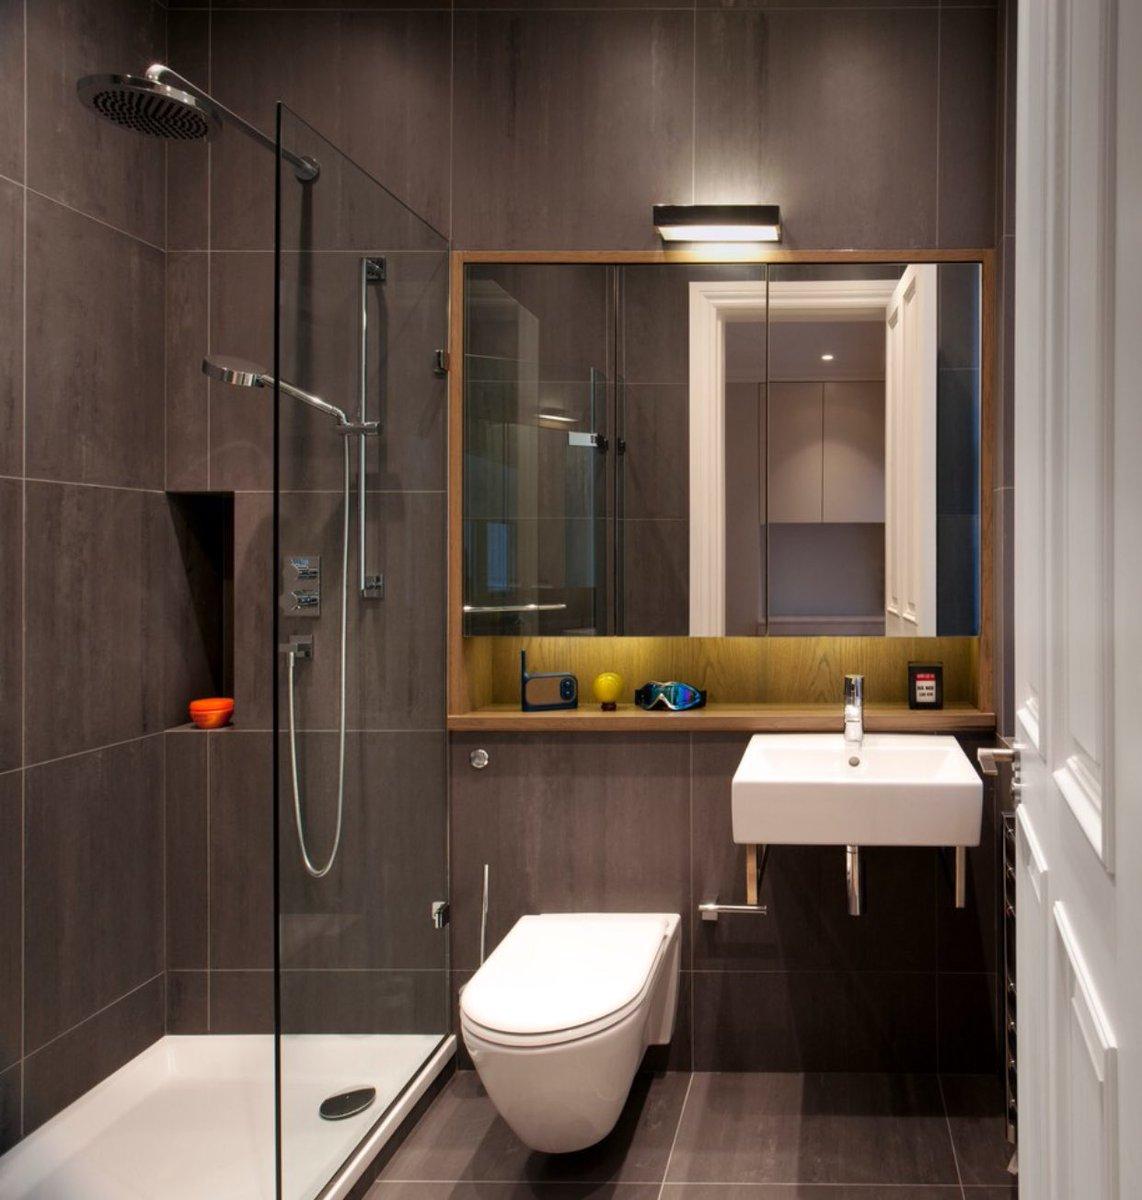 بالصور تصاميم حمامات , شاهد احدث تصاميم الحمامات العصرية 1934 1